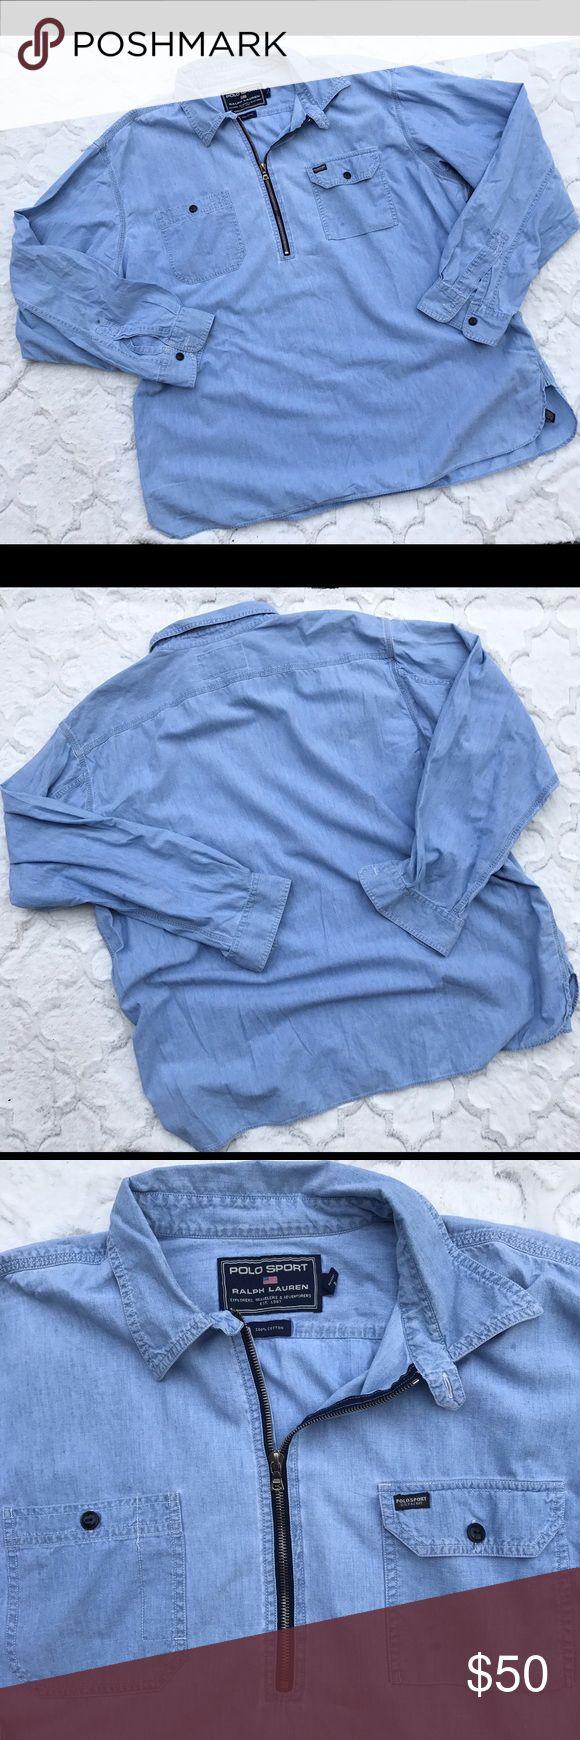 Polo Sport Ralph Lauren 1/4 Zip Denim LS Shrt XXL Polo Sport Ralph Lauren 1/4 Zip Denim Blue Long Sleeve Shirt XXL RARE Polo by Ralph Lauren Shirts Casual Button Down Shirts